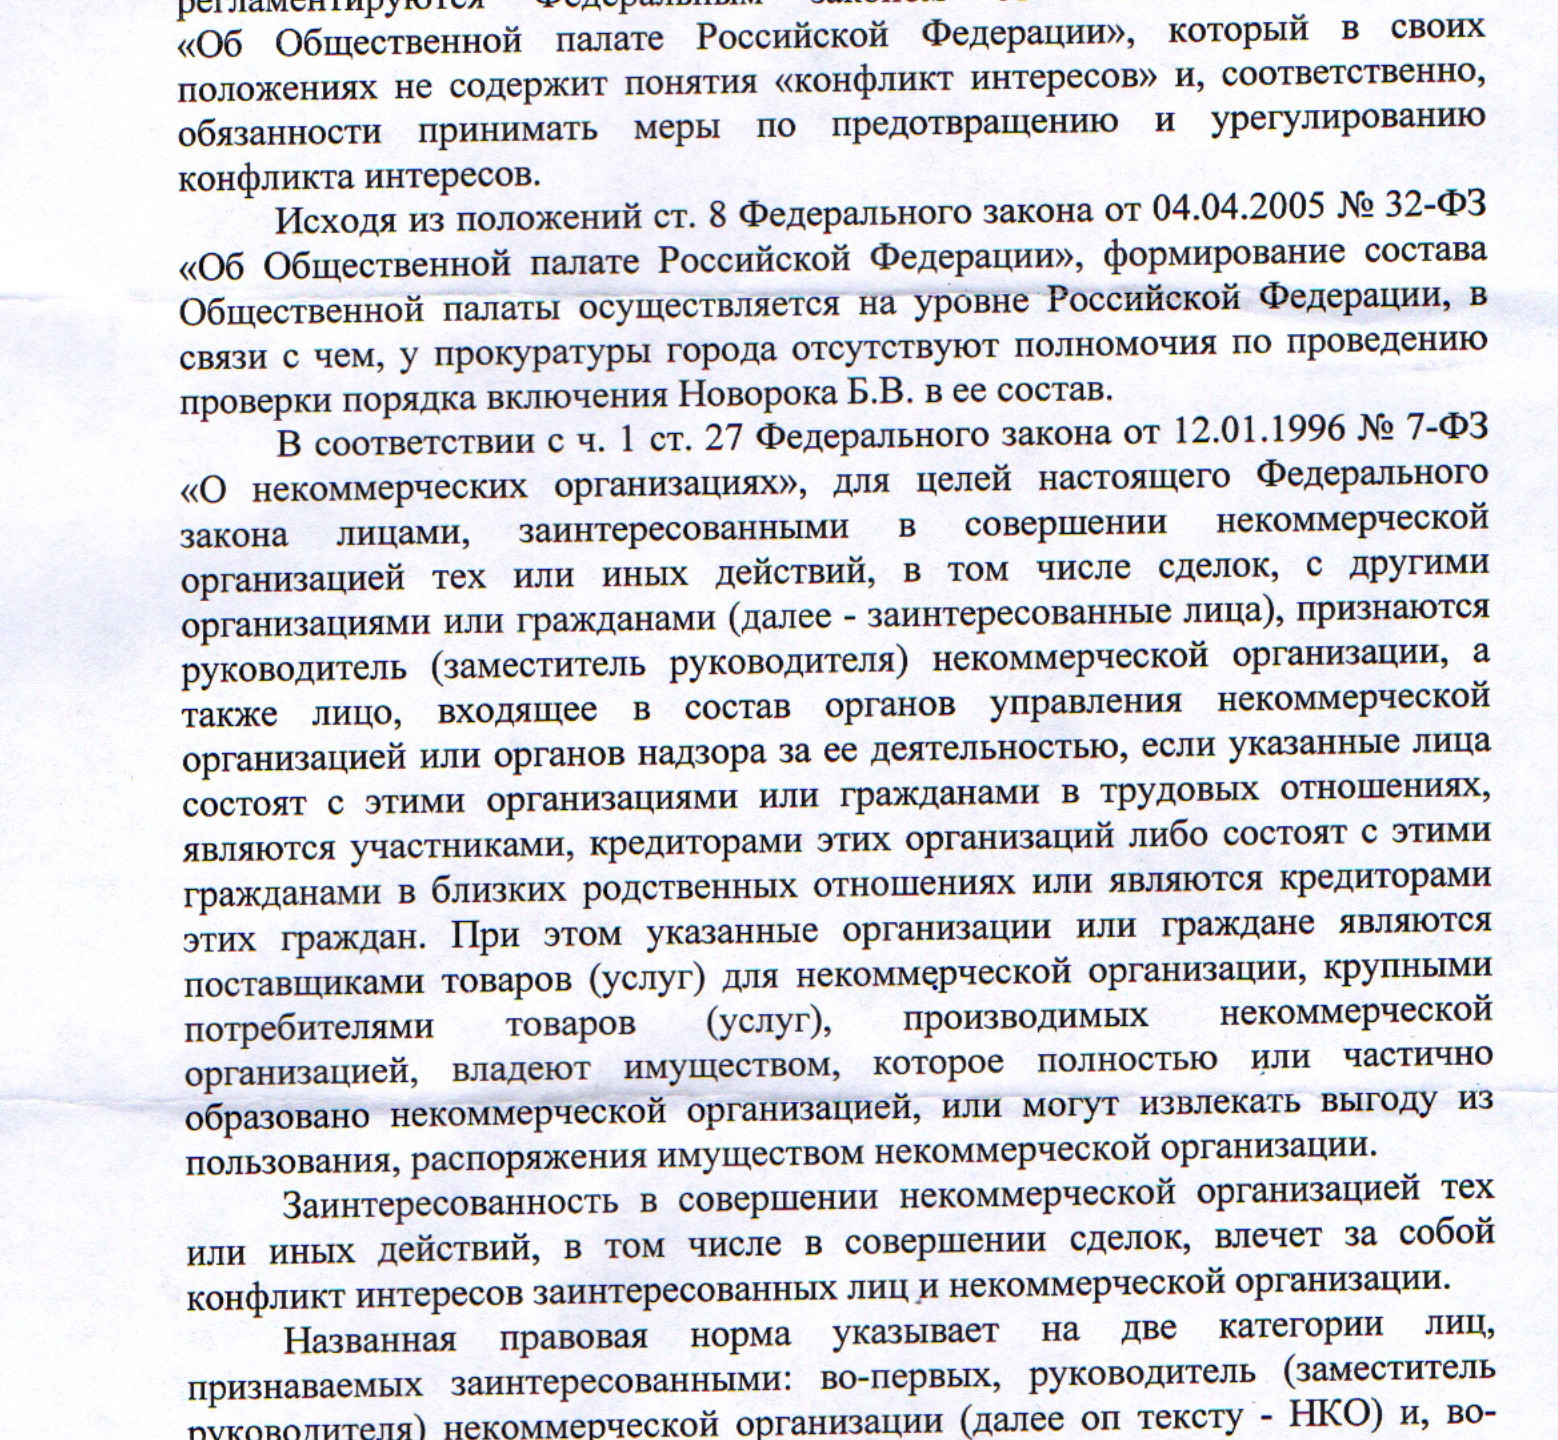 ответ из Прокуратуры РФ2